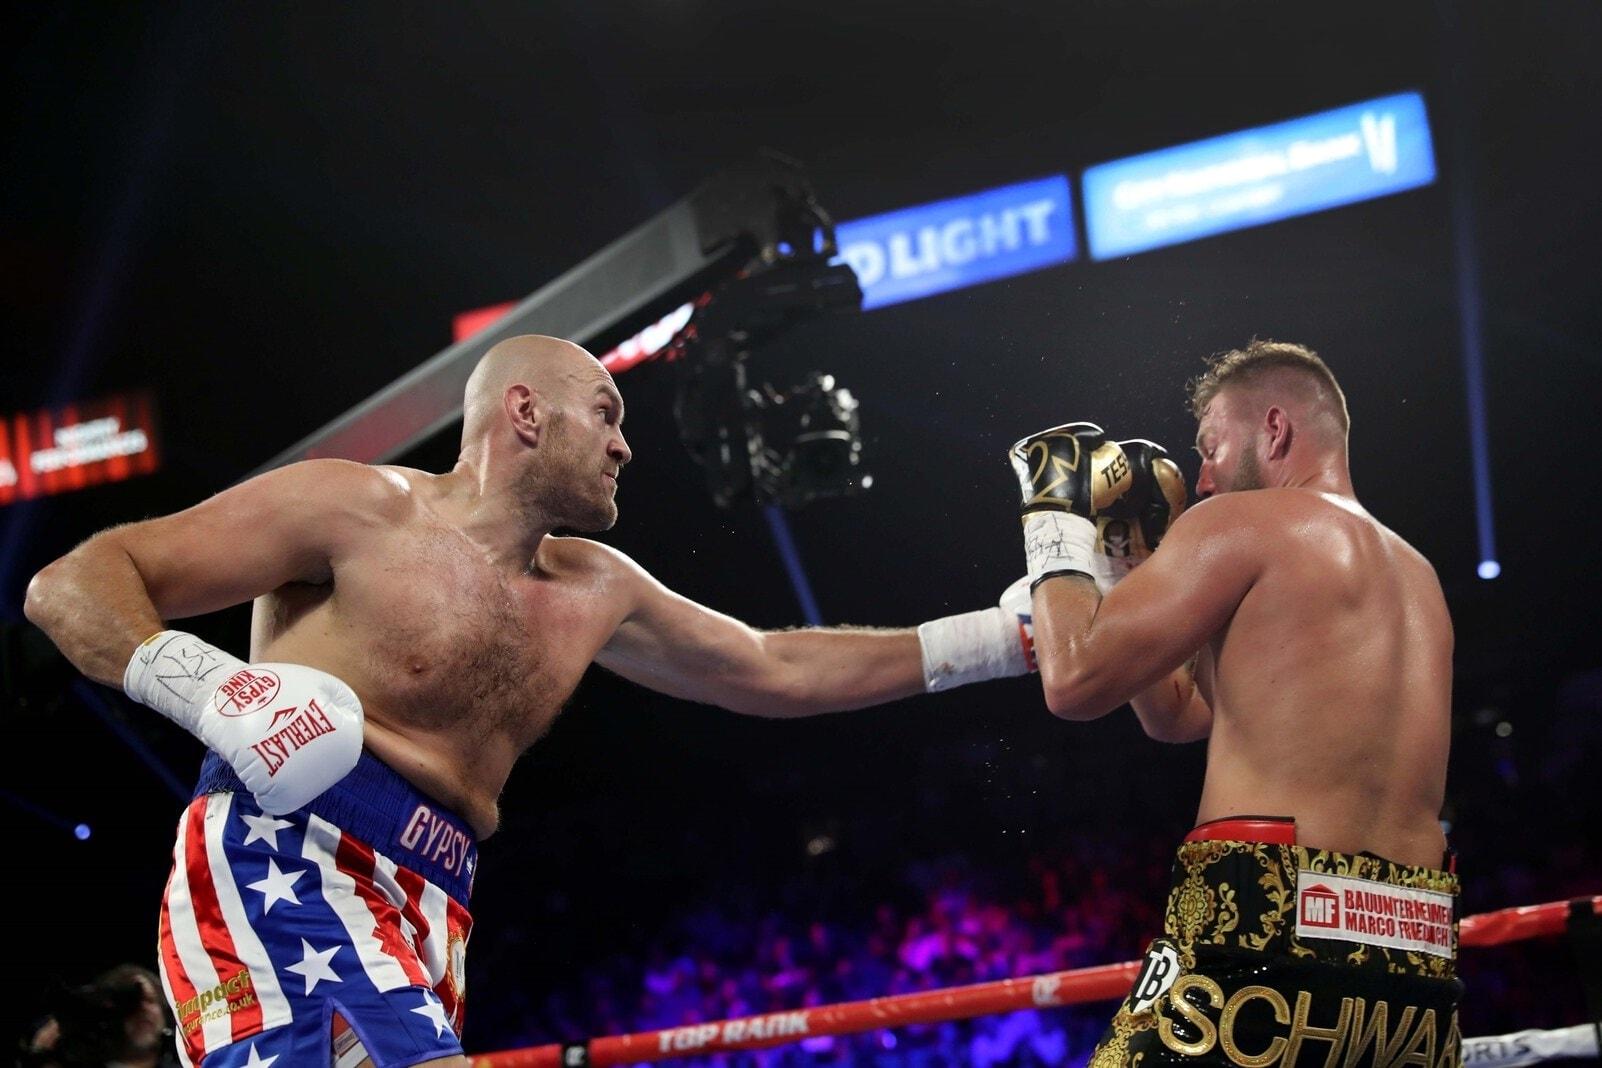 Allerdings hatte er seine bisherigen Siege fast ausschließlich gegen unterklassige Rivalen errungen und noch nie gegen einen Boxer der Klasse von Tyson Fury gekämpft. Foto: Steve Marcus/AFP